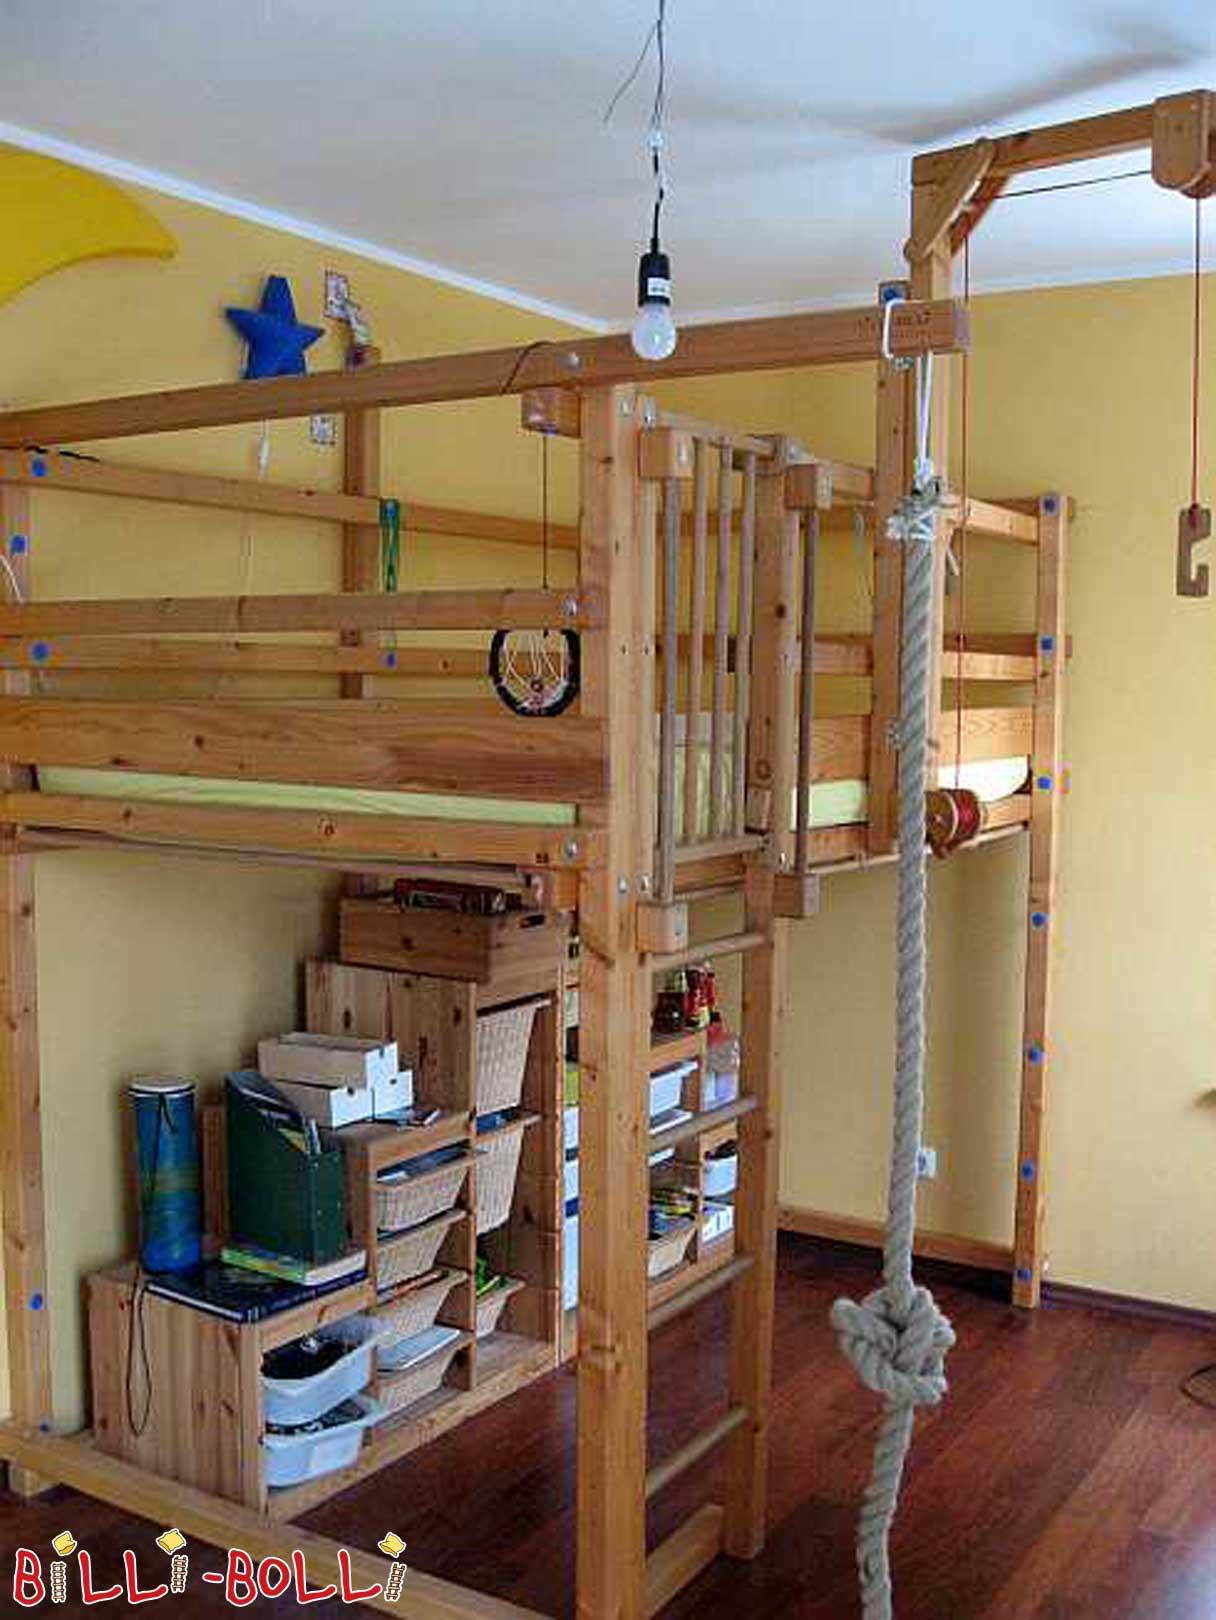 secondhand seite 150 billi bolli kinderm bel. Black Bedroom Furniture Sets. Home Design Ideas